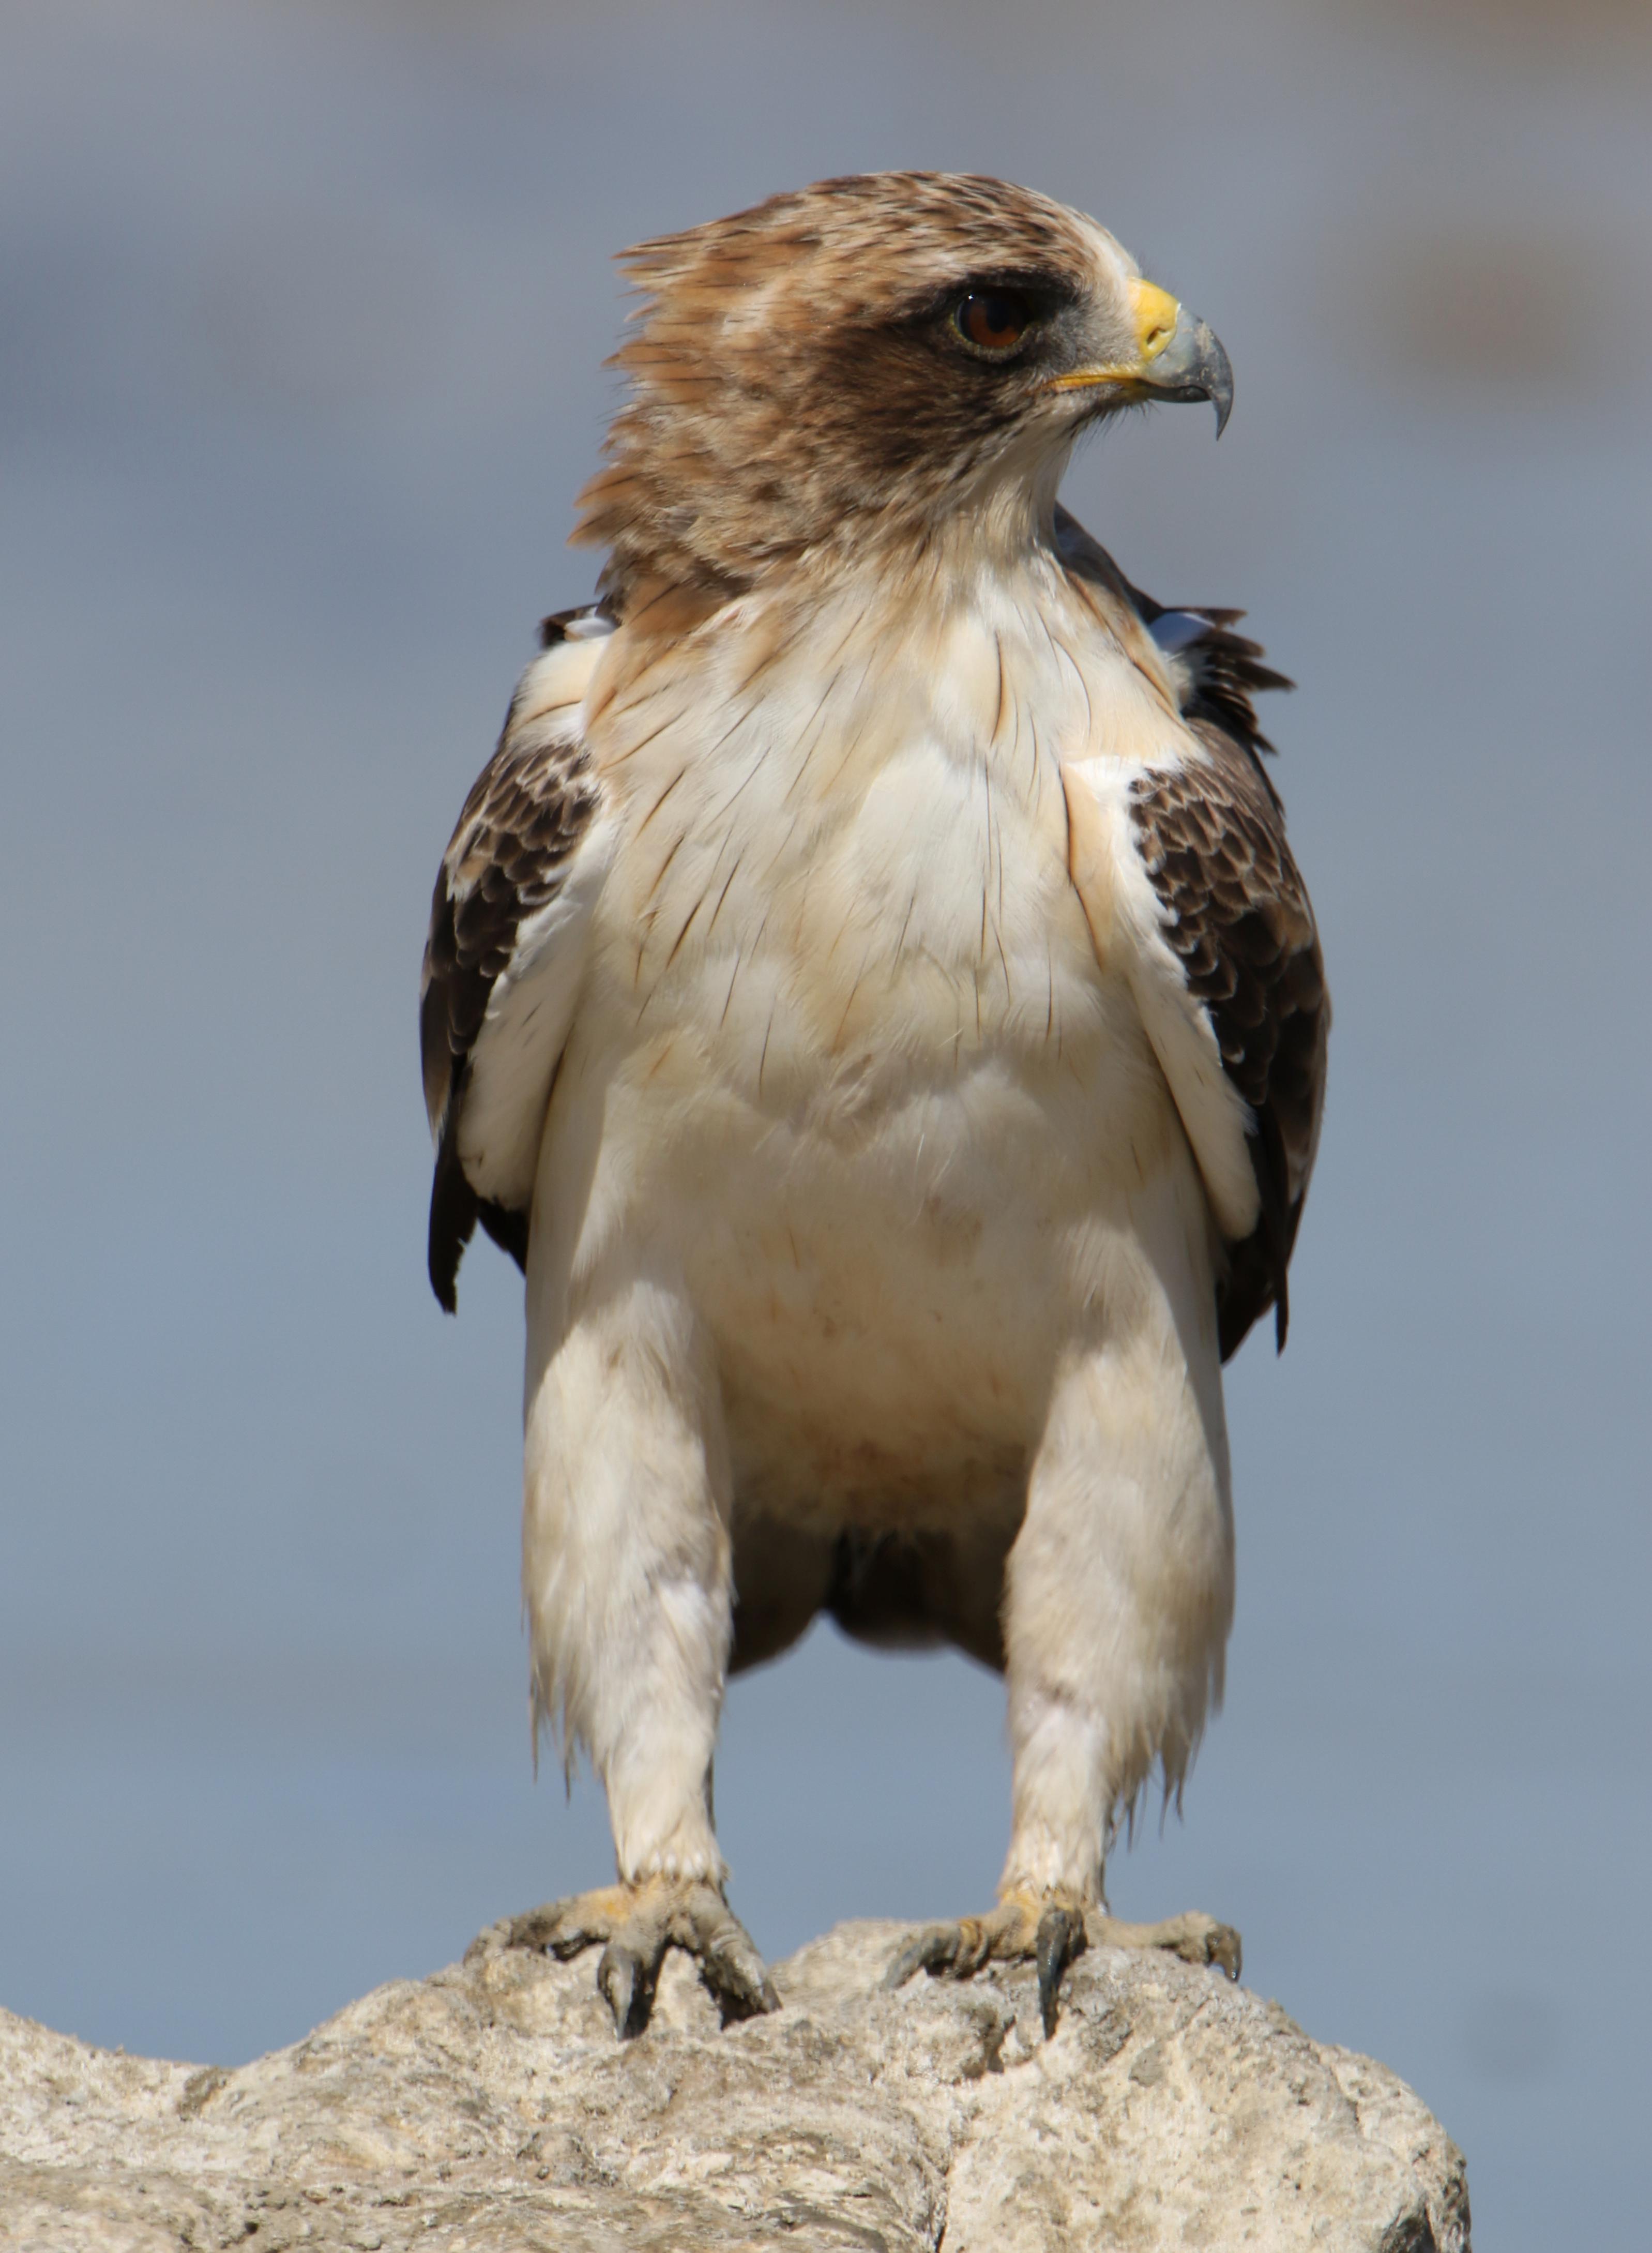 File:Booted eagle, Hieraaetus pennatus, at Kgalagadi ...